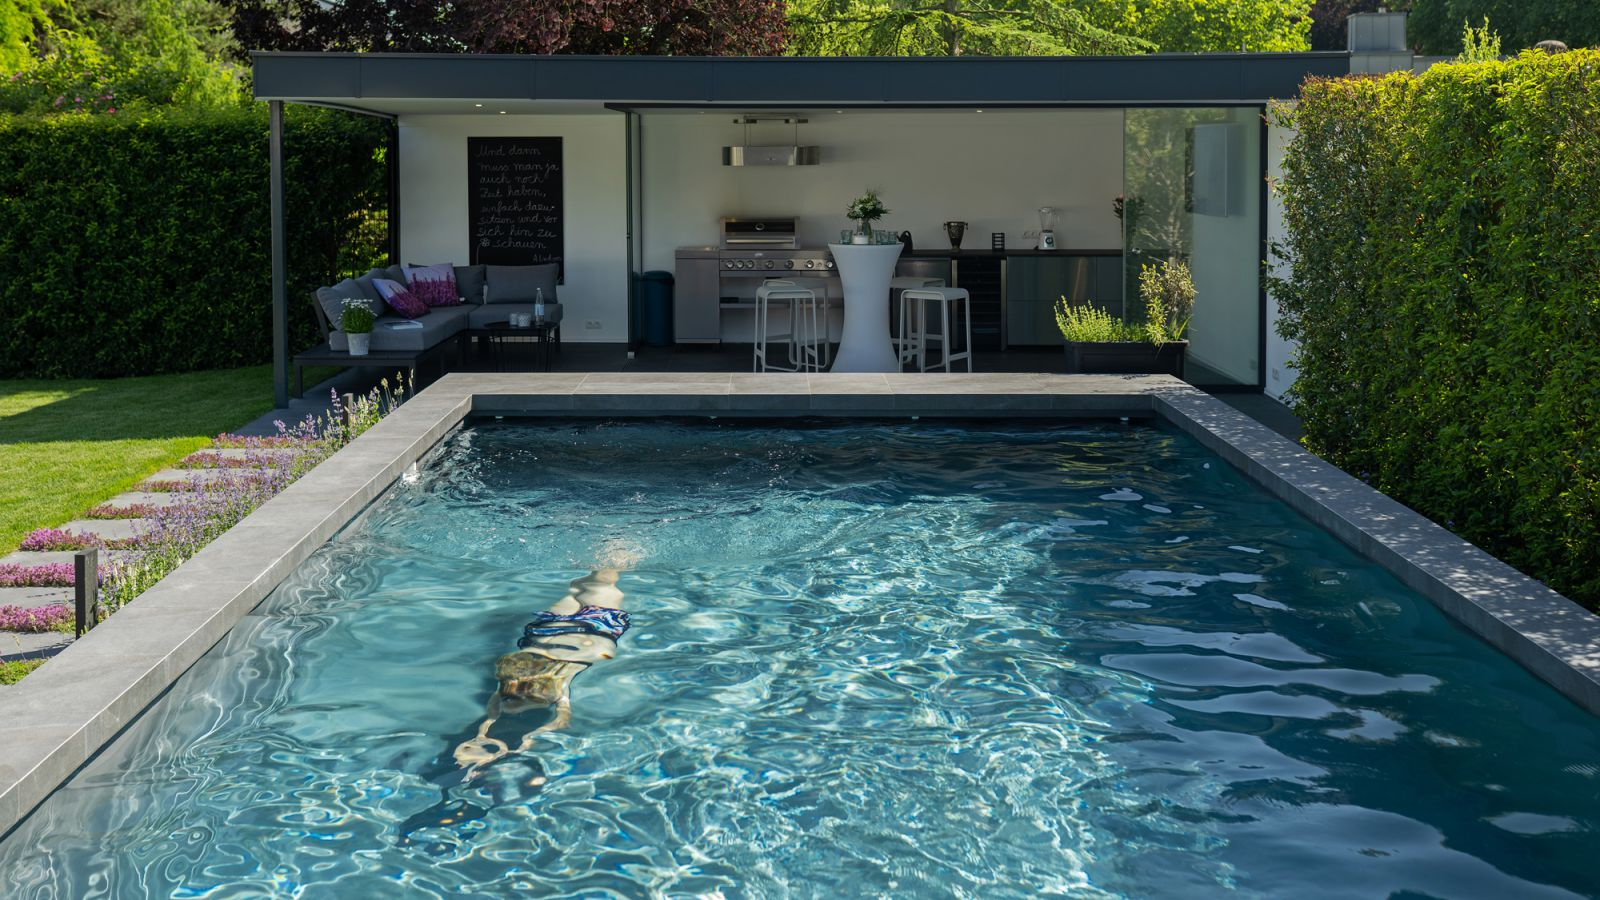 1.1 Ein Garten zum Feiern und Schwimmen - Poolparty in Bocholt